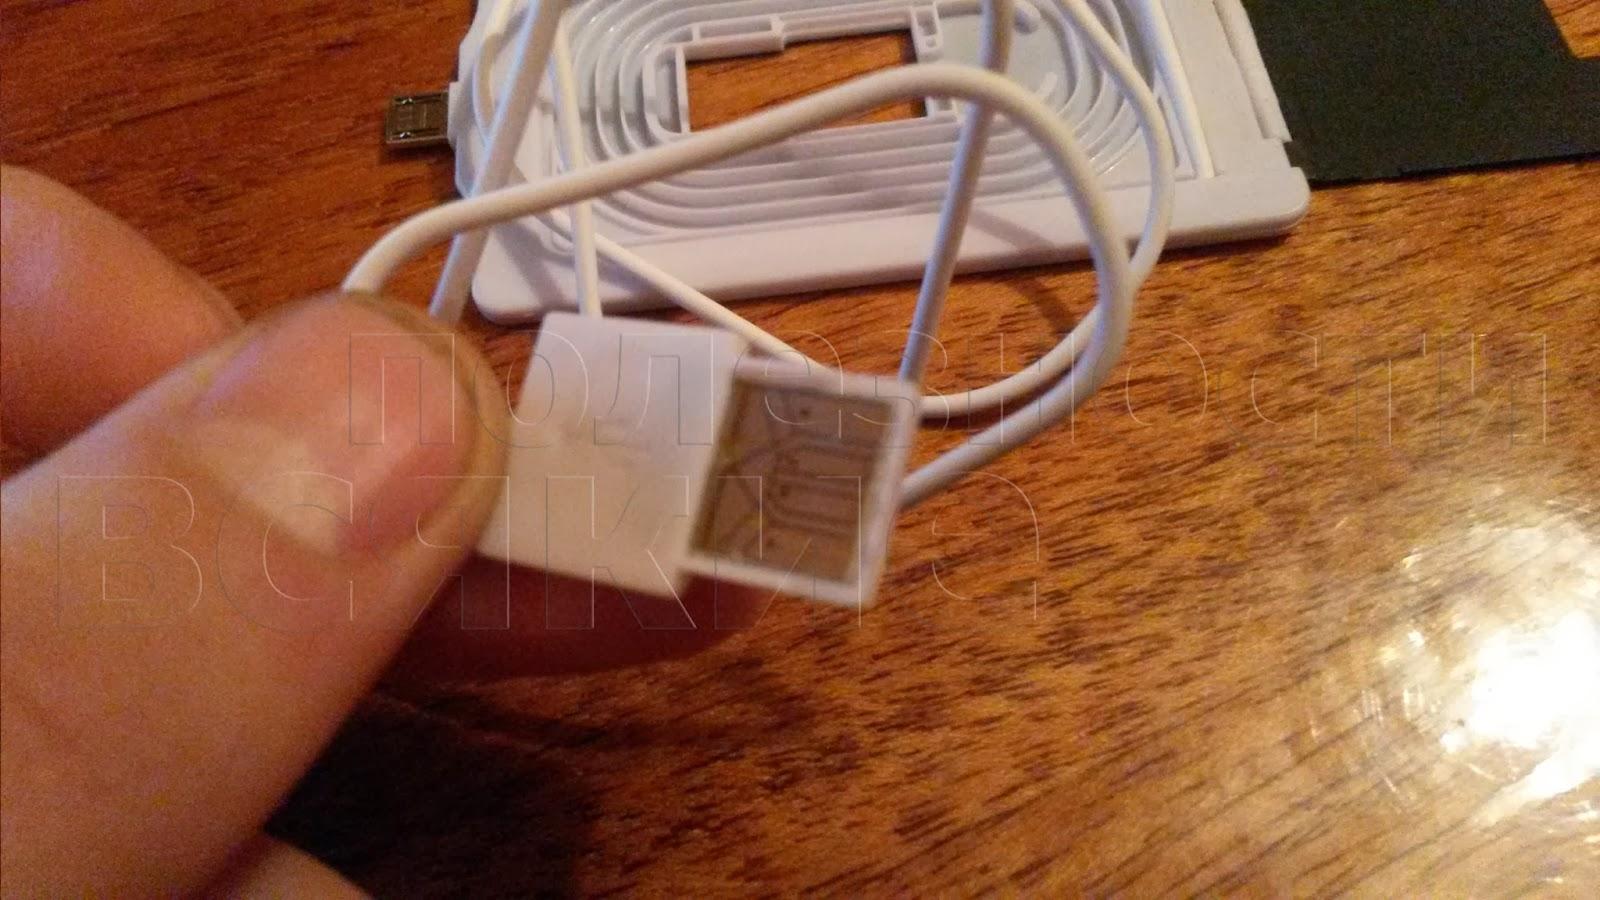 тонкий USB штекер